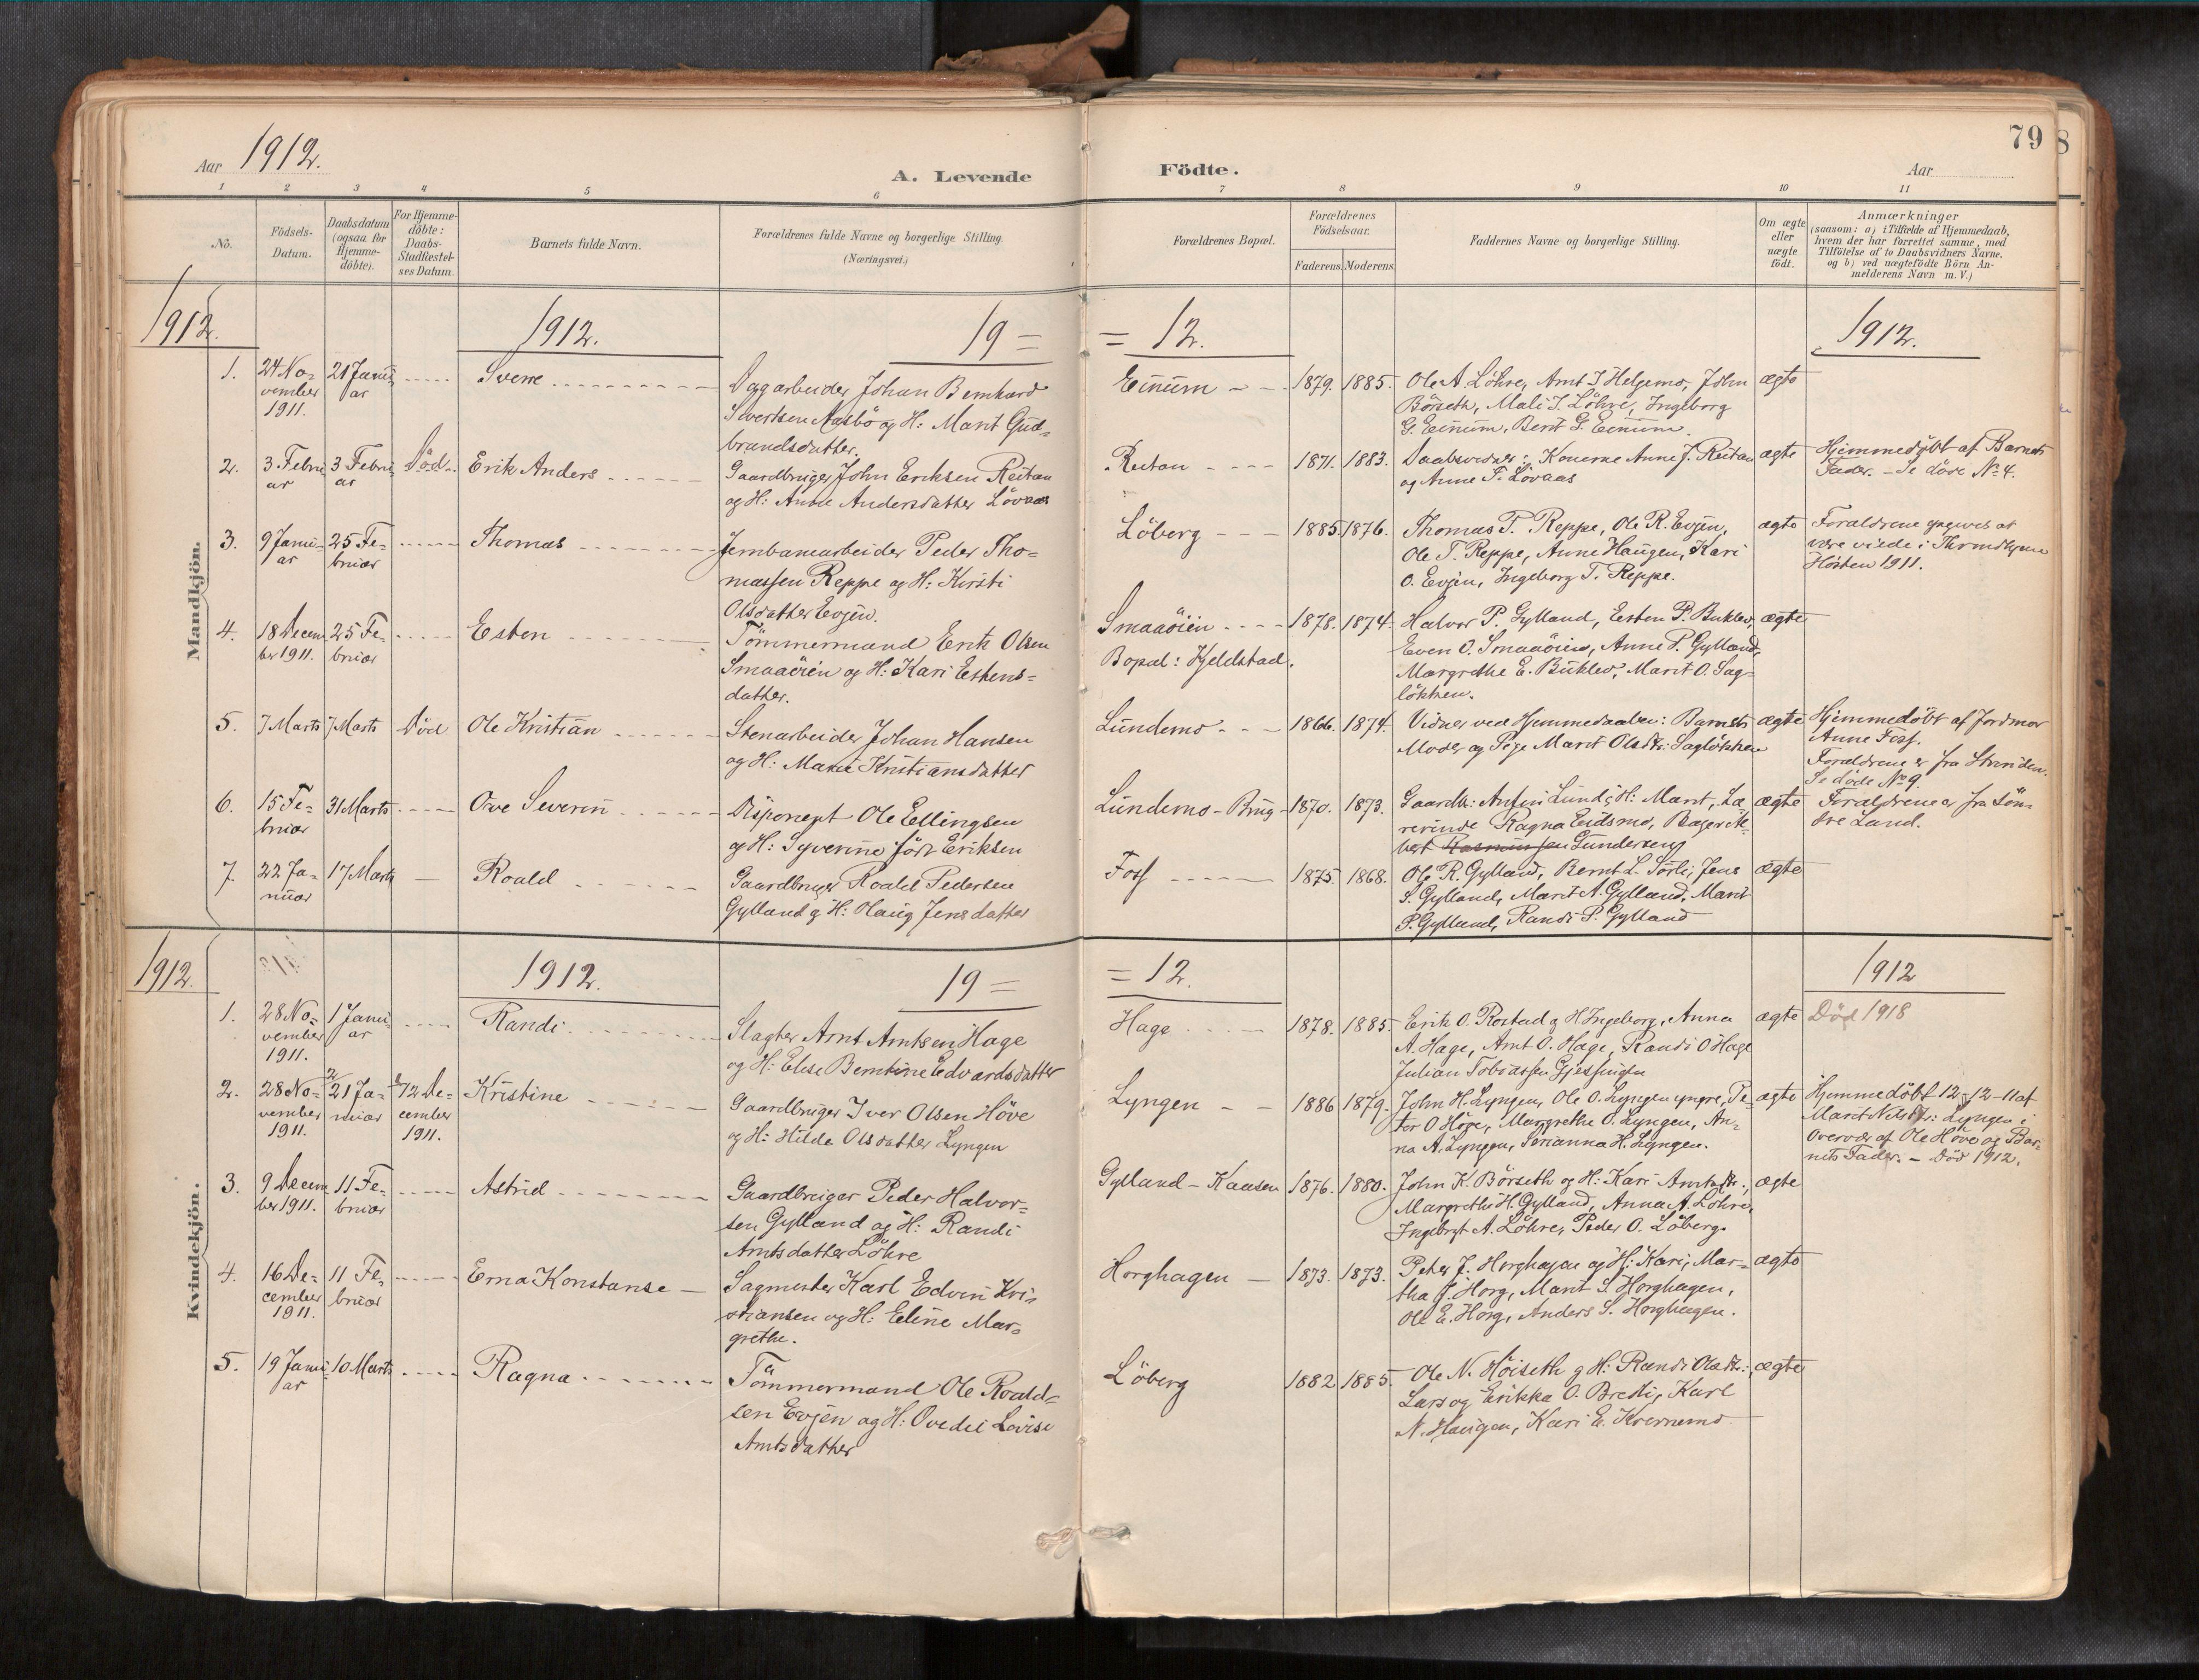 SAT, Ministerialprotokoller, klokkerbøker og fødselsregistre - Sør-Trøndelag, 692/L1105b: Ministerialbok nr. 692A06, 1891-1934, s. 79